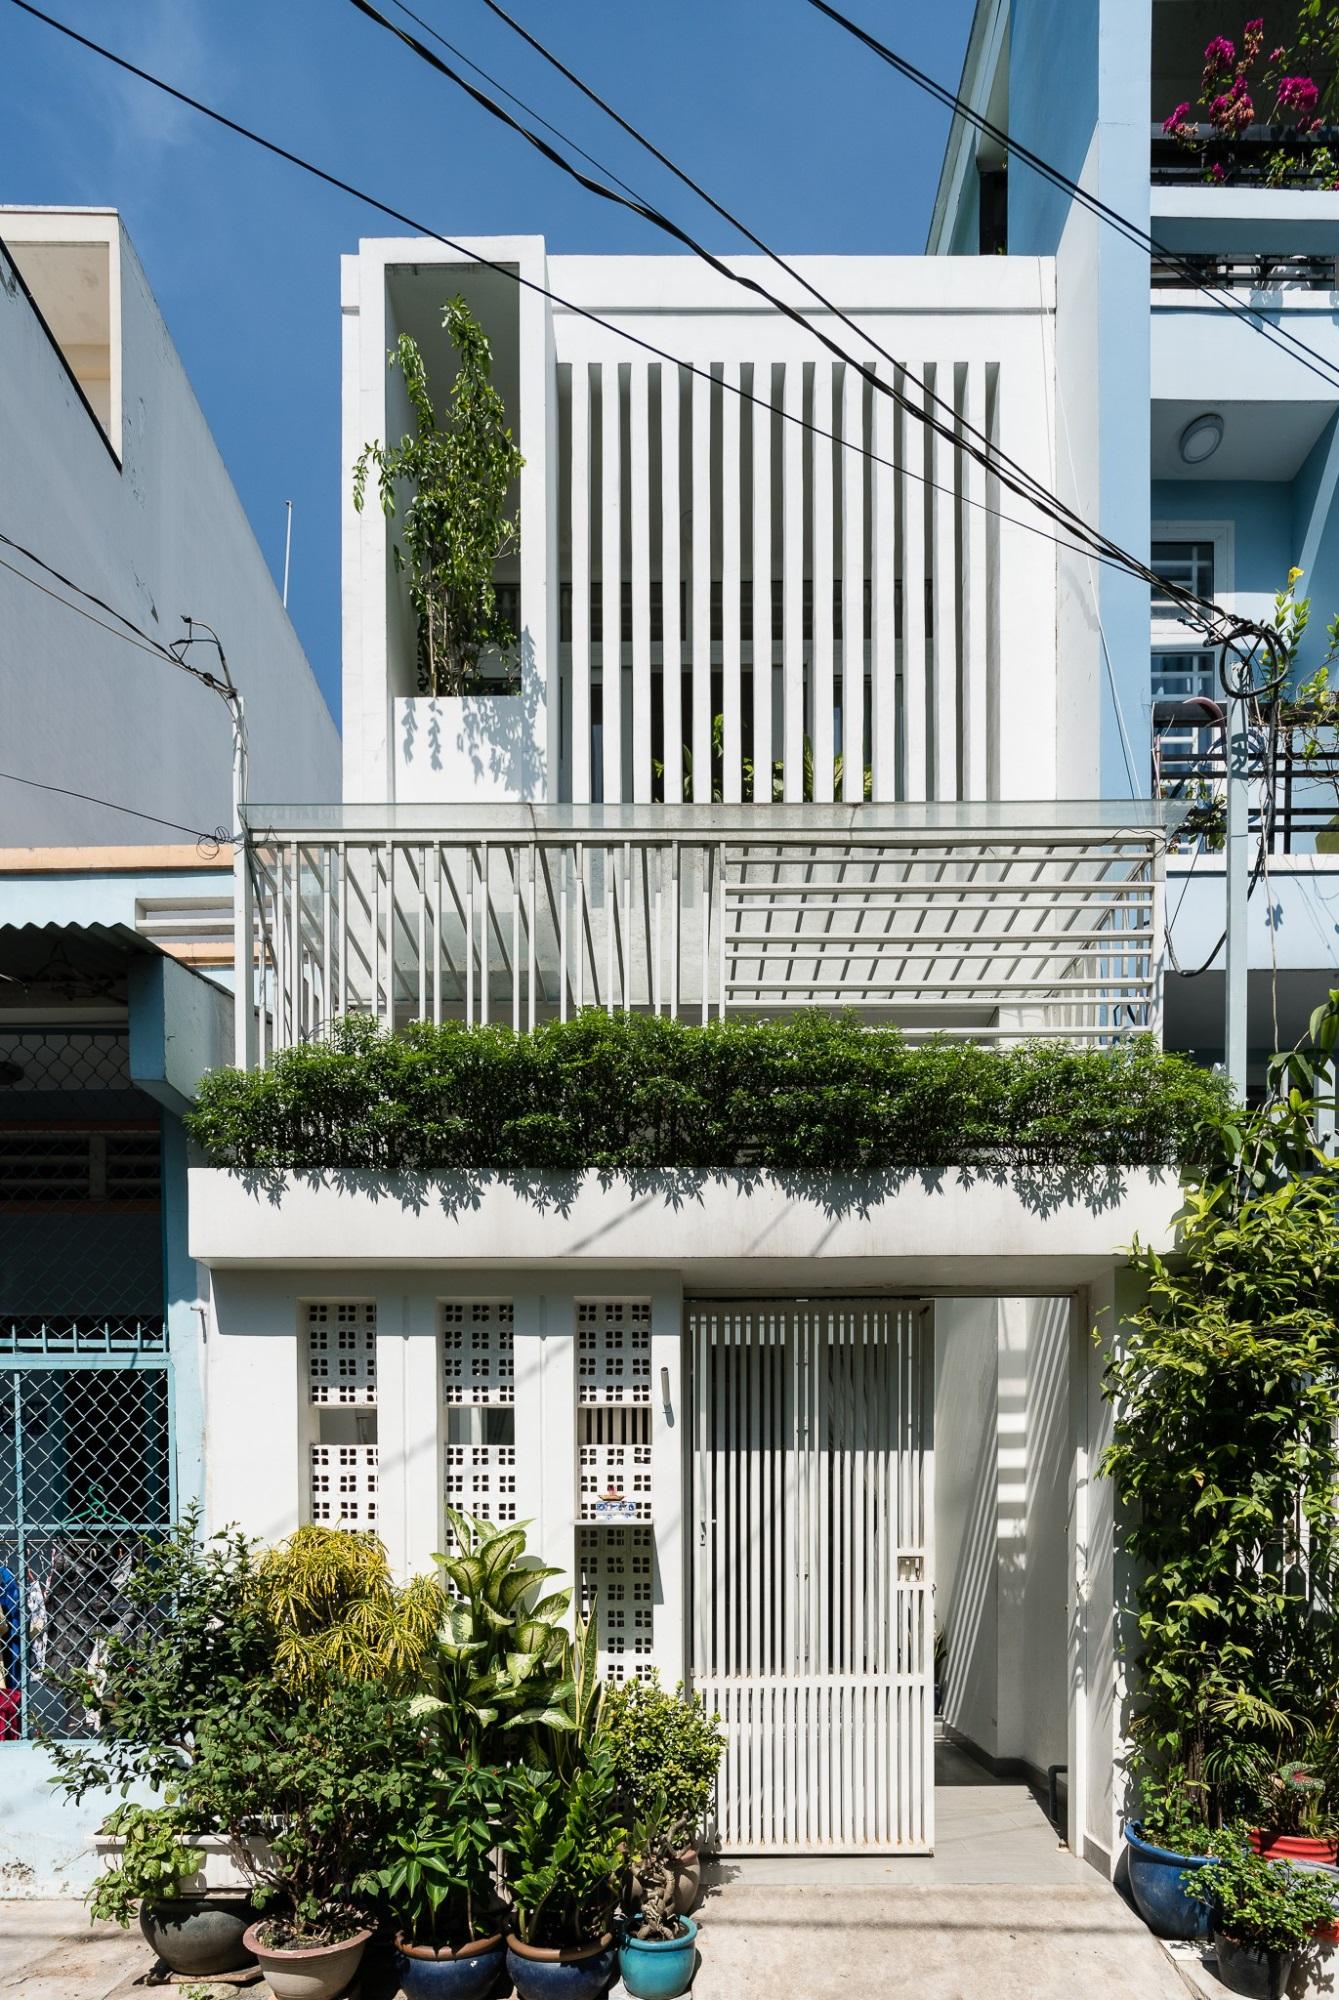 Ngôi nhà ống chỉ 53m² nhưng mỗi khi về nhà, các thành viên trong gia đình đều được trút bỏ mọi áp lực của cuộc sống ở Sài Gòn - Ảnh 2